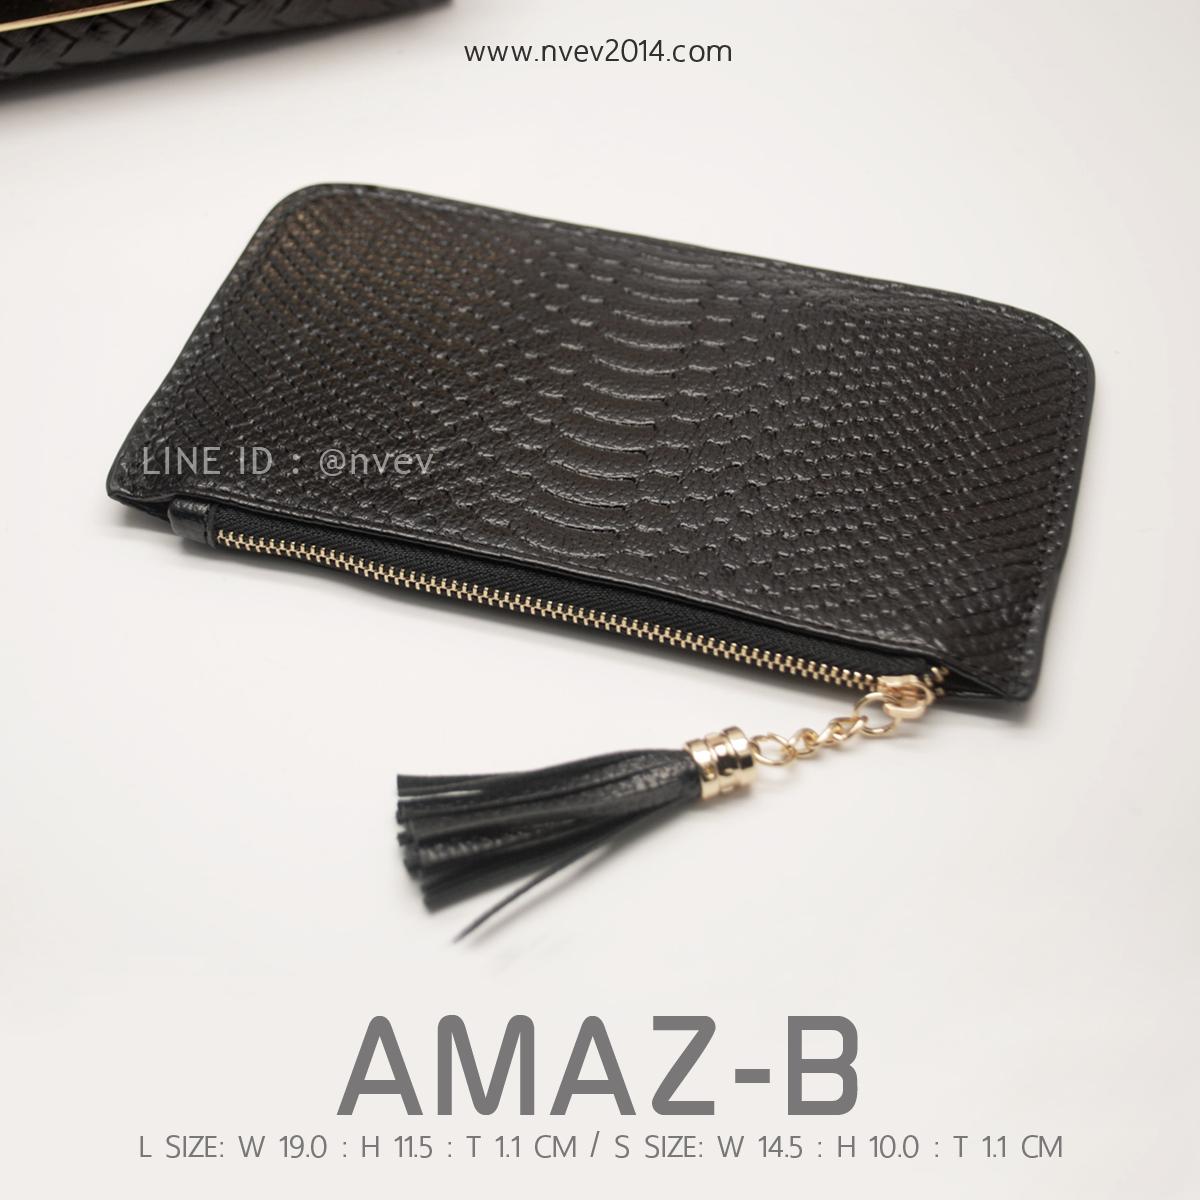 กระเป๋าสตางค์ผู้หญิง ทรงถุง รุ่น AMAZ-BL สีดำ